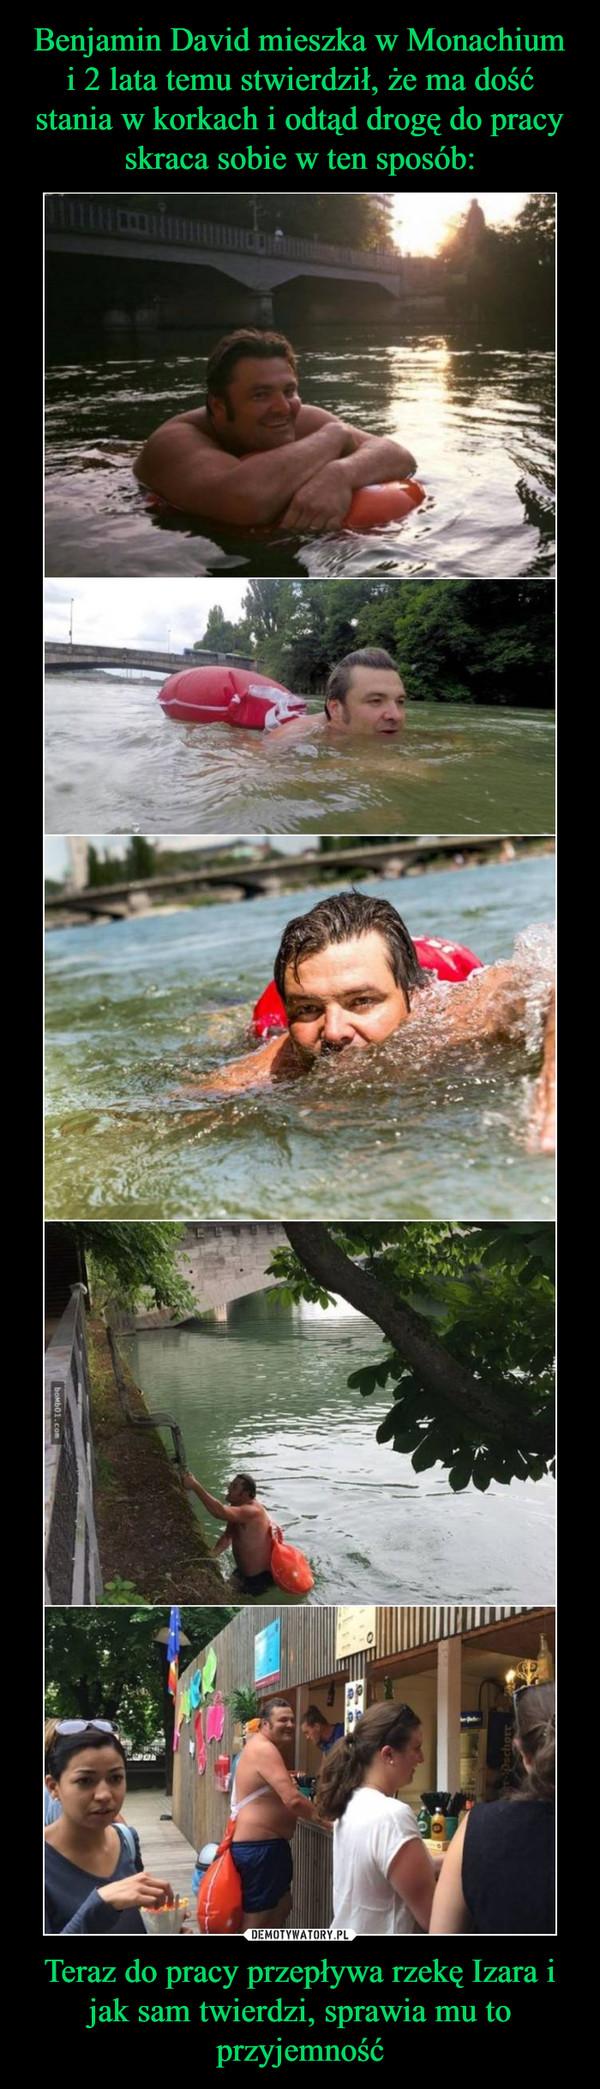 Teraz do pracy przepływa rzekę Izara i jak sam twierdzi, sprawia mu to przyjemność –